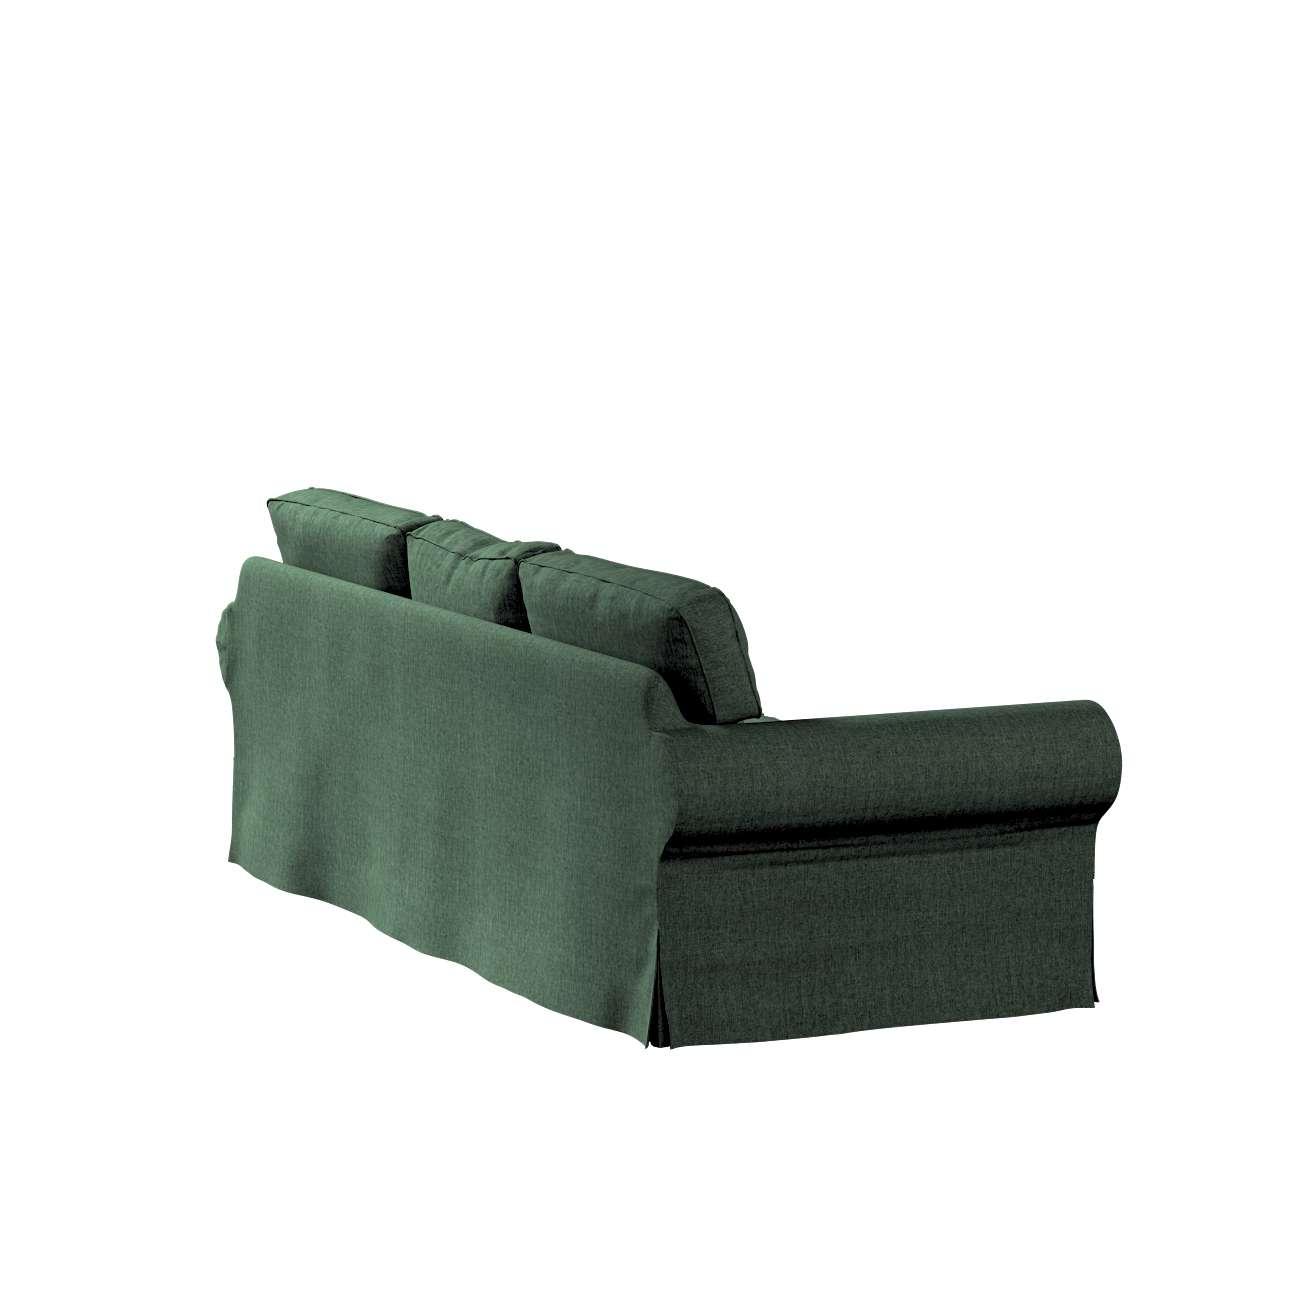 Pokrowiec na sofę Ektorp 3-osobową, rozkładaną, PIXBO w kolekcji City, tkanina: 704-81